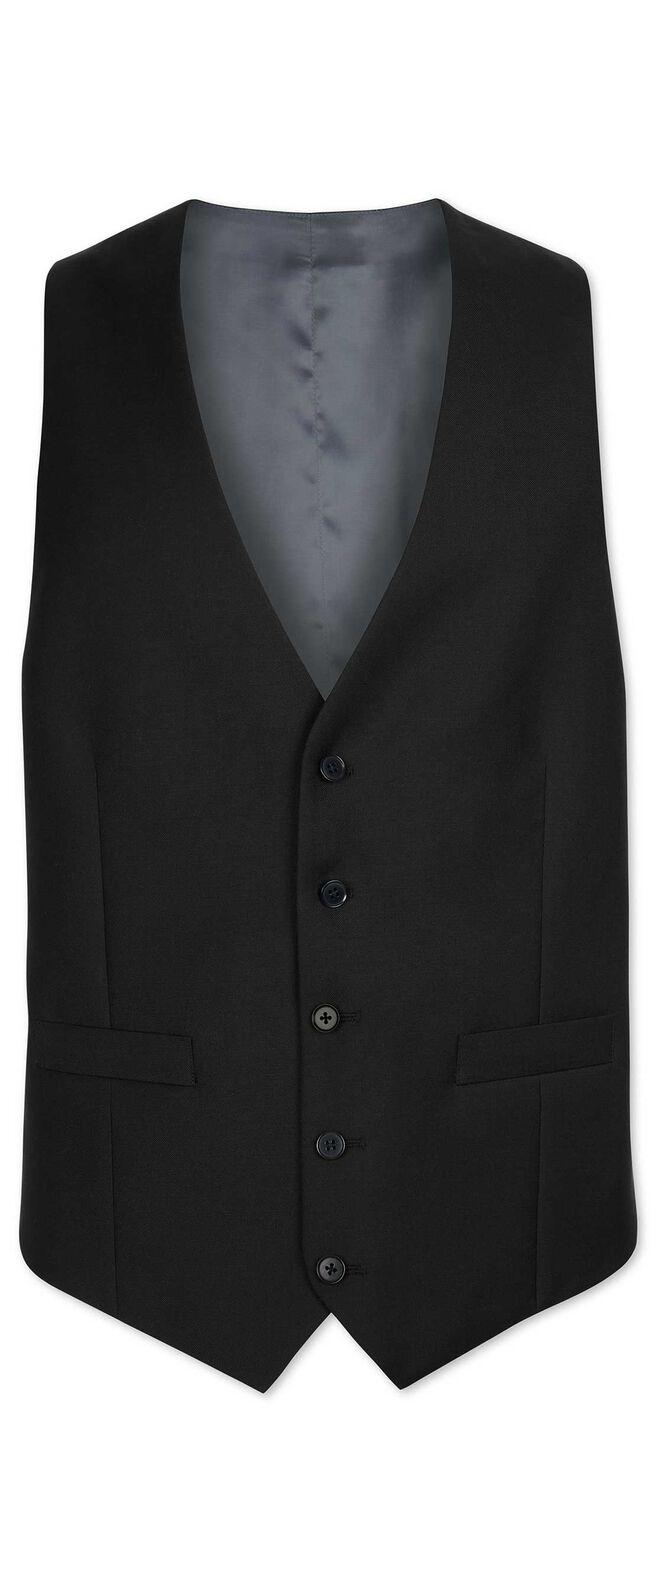 Black slim fit twill business suit